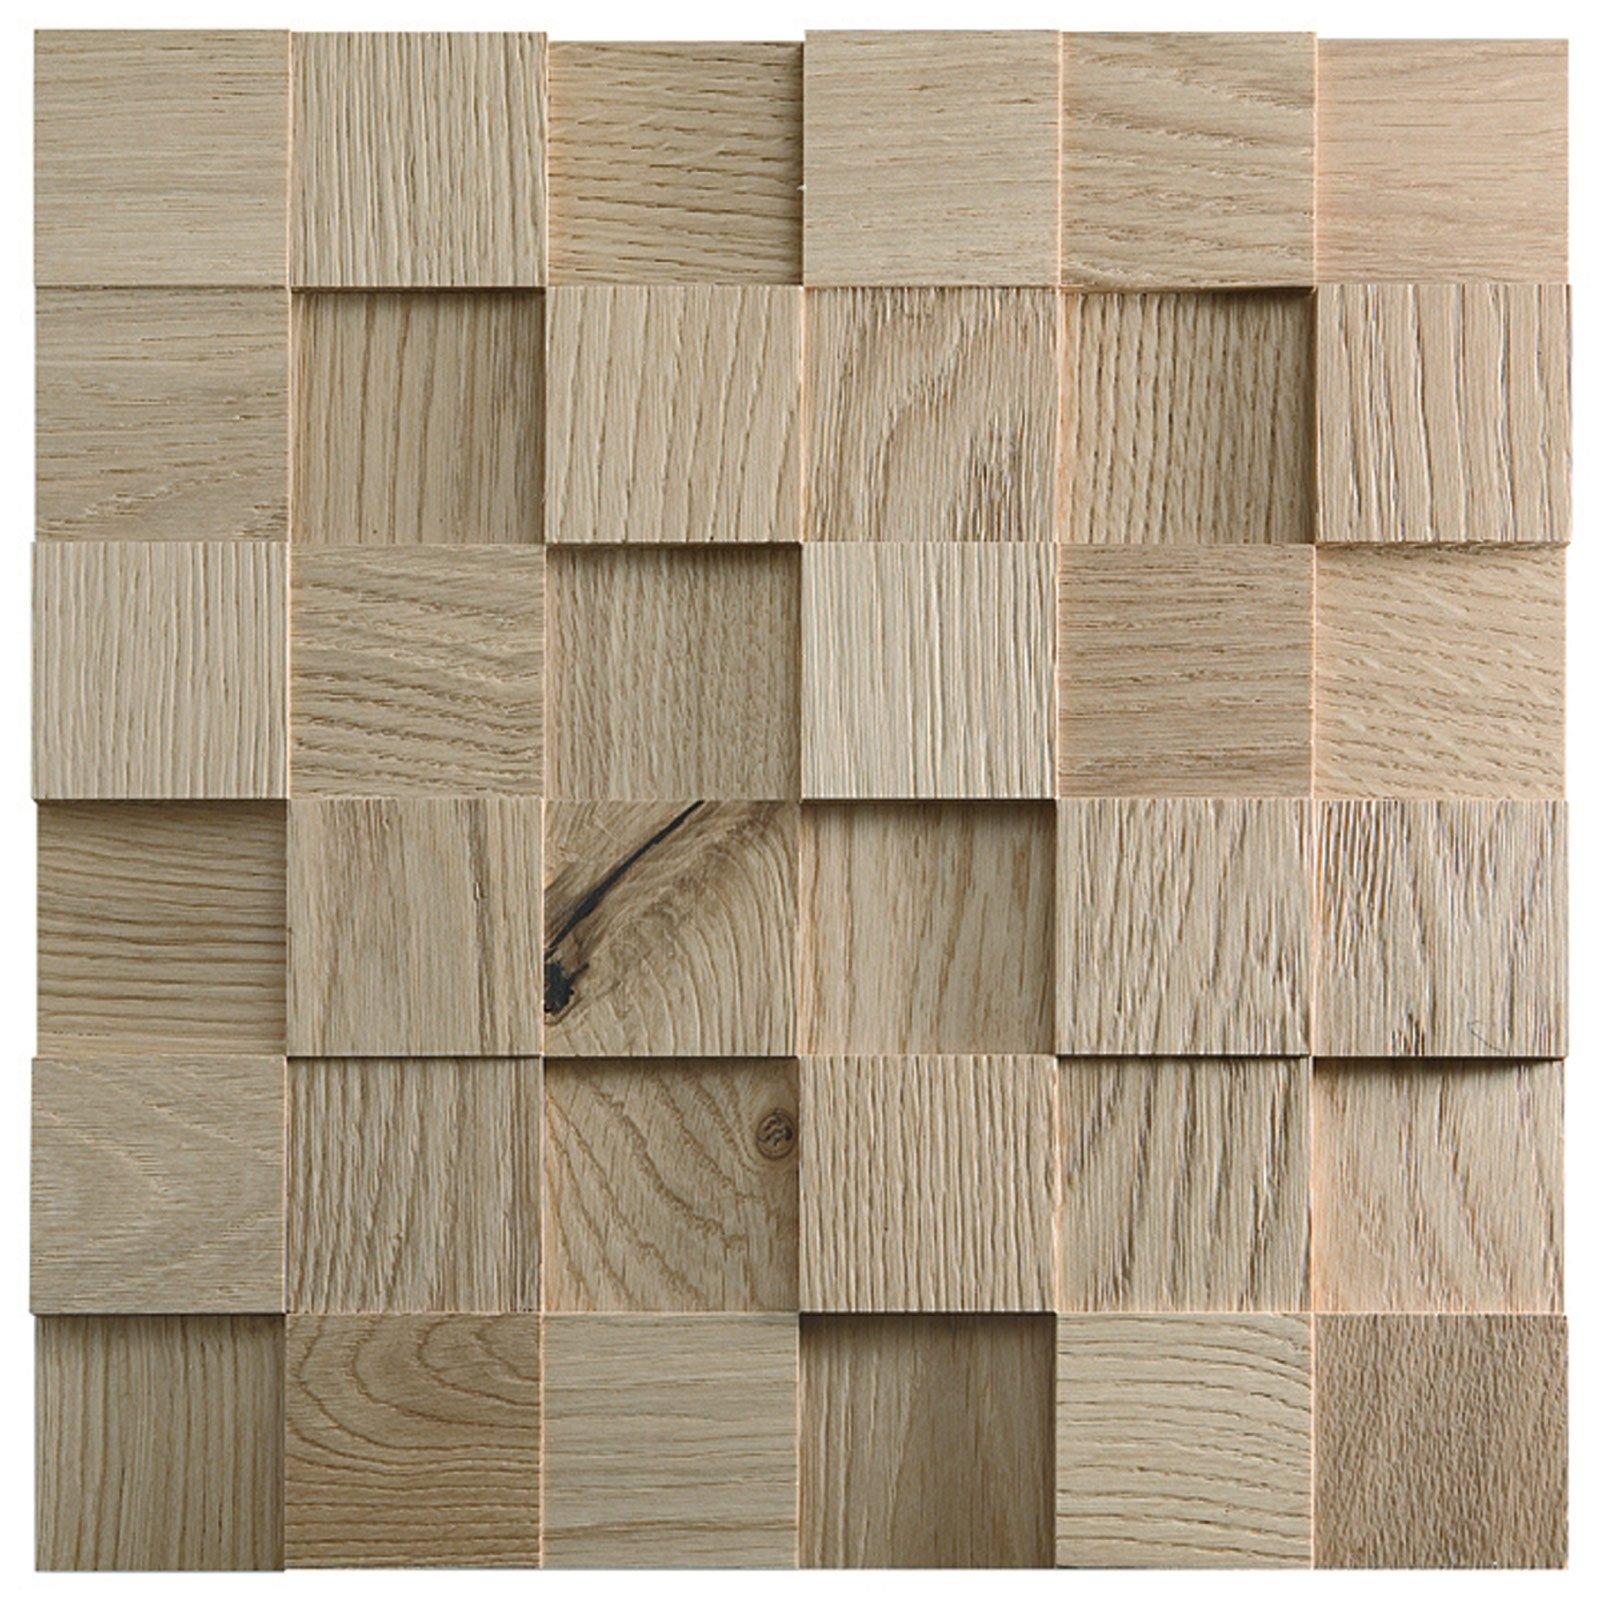 Parquet geometrie e tipi di posa cose di casa - Parquet da incollare su piastrelle ...